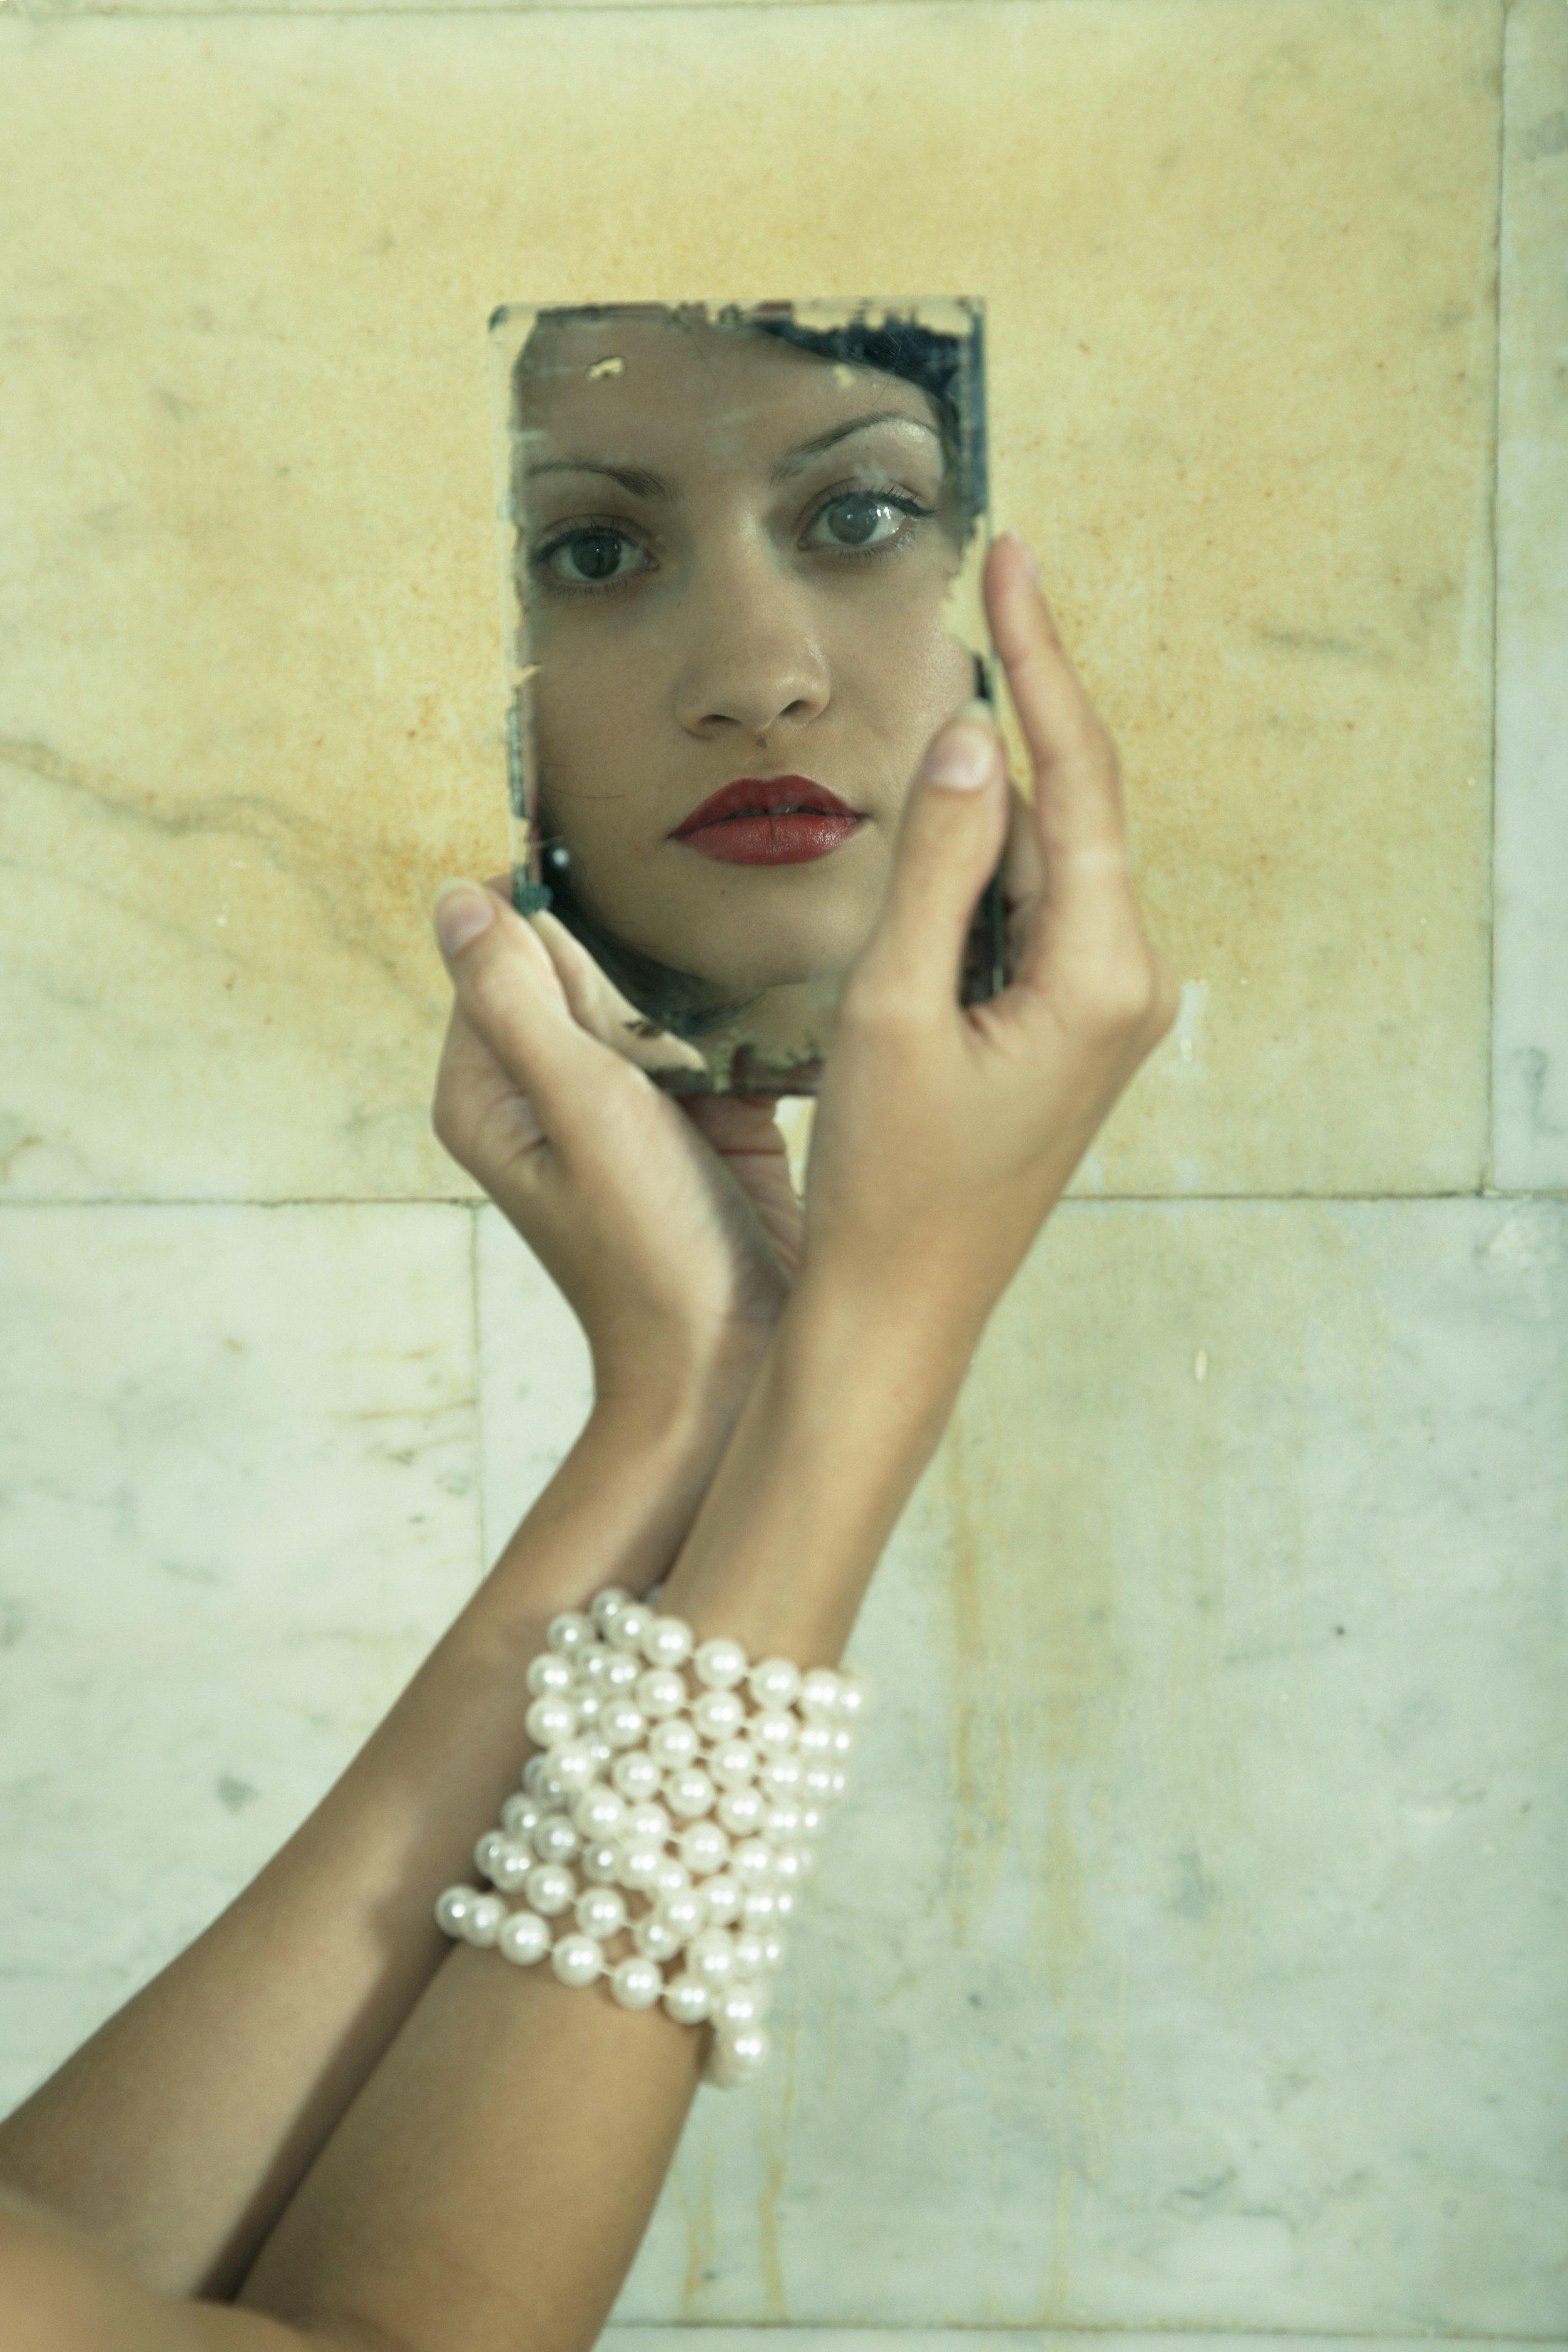 Woman-mirror-beauty.jpg